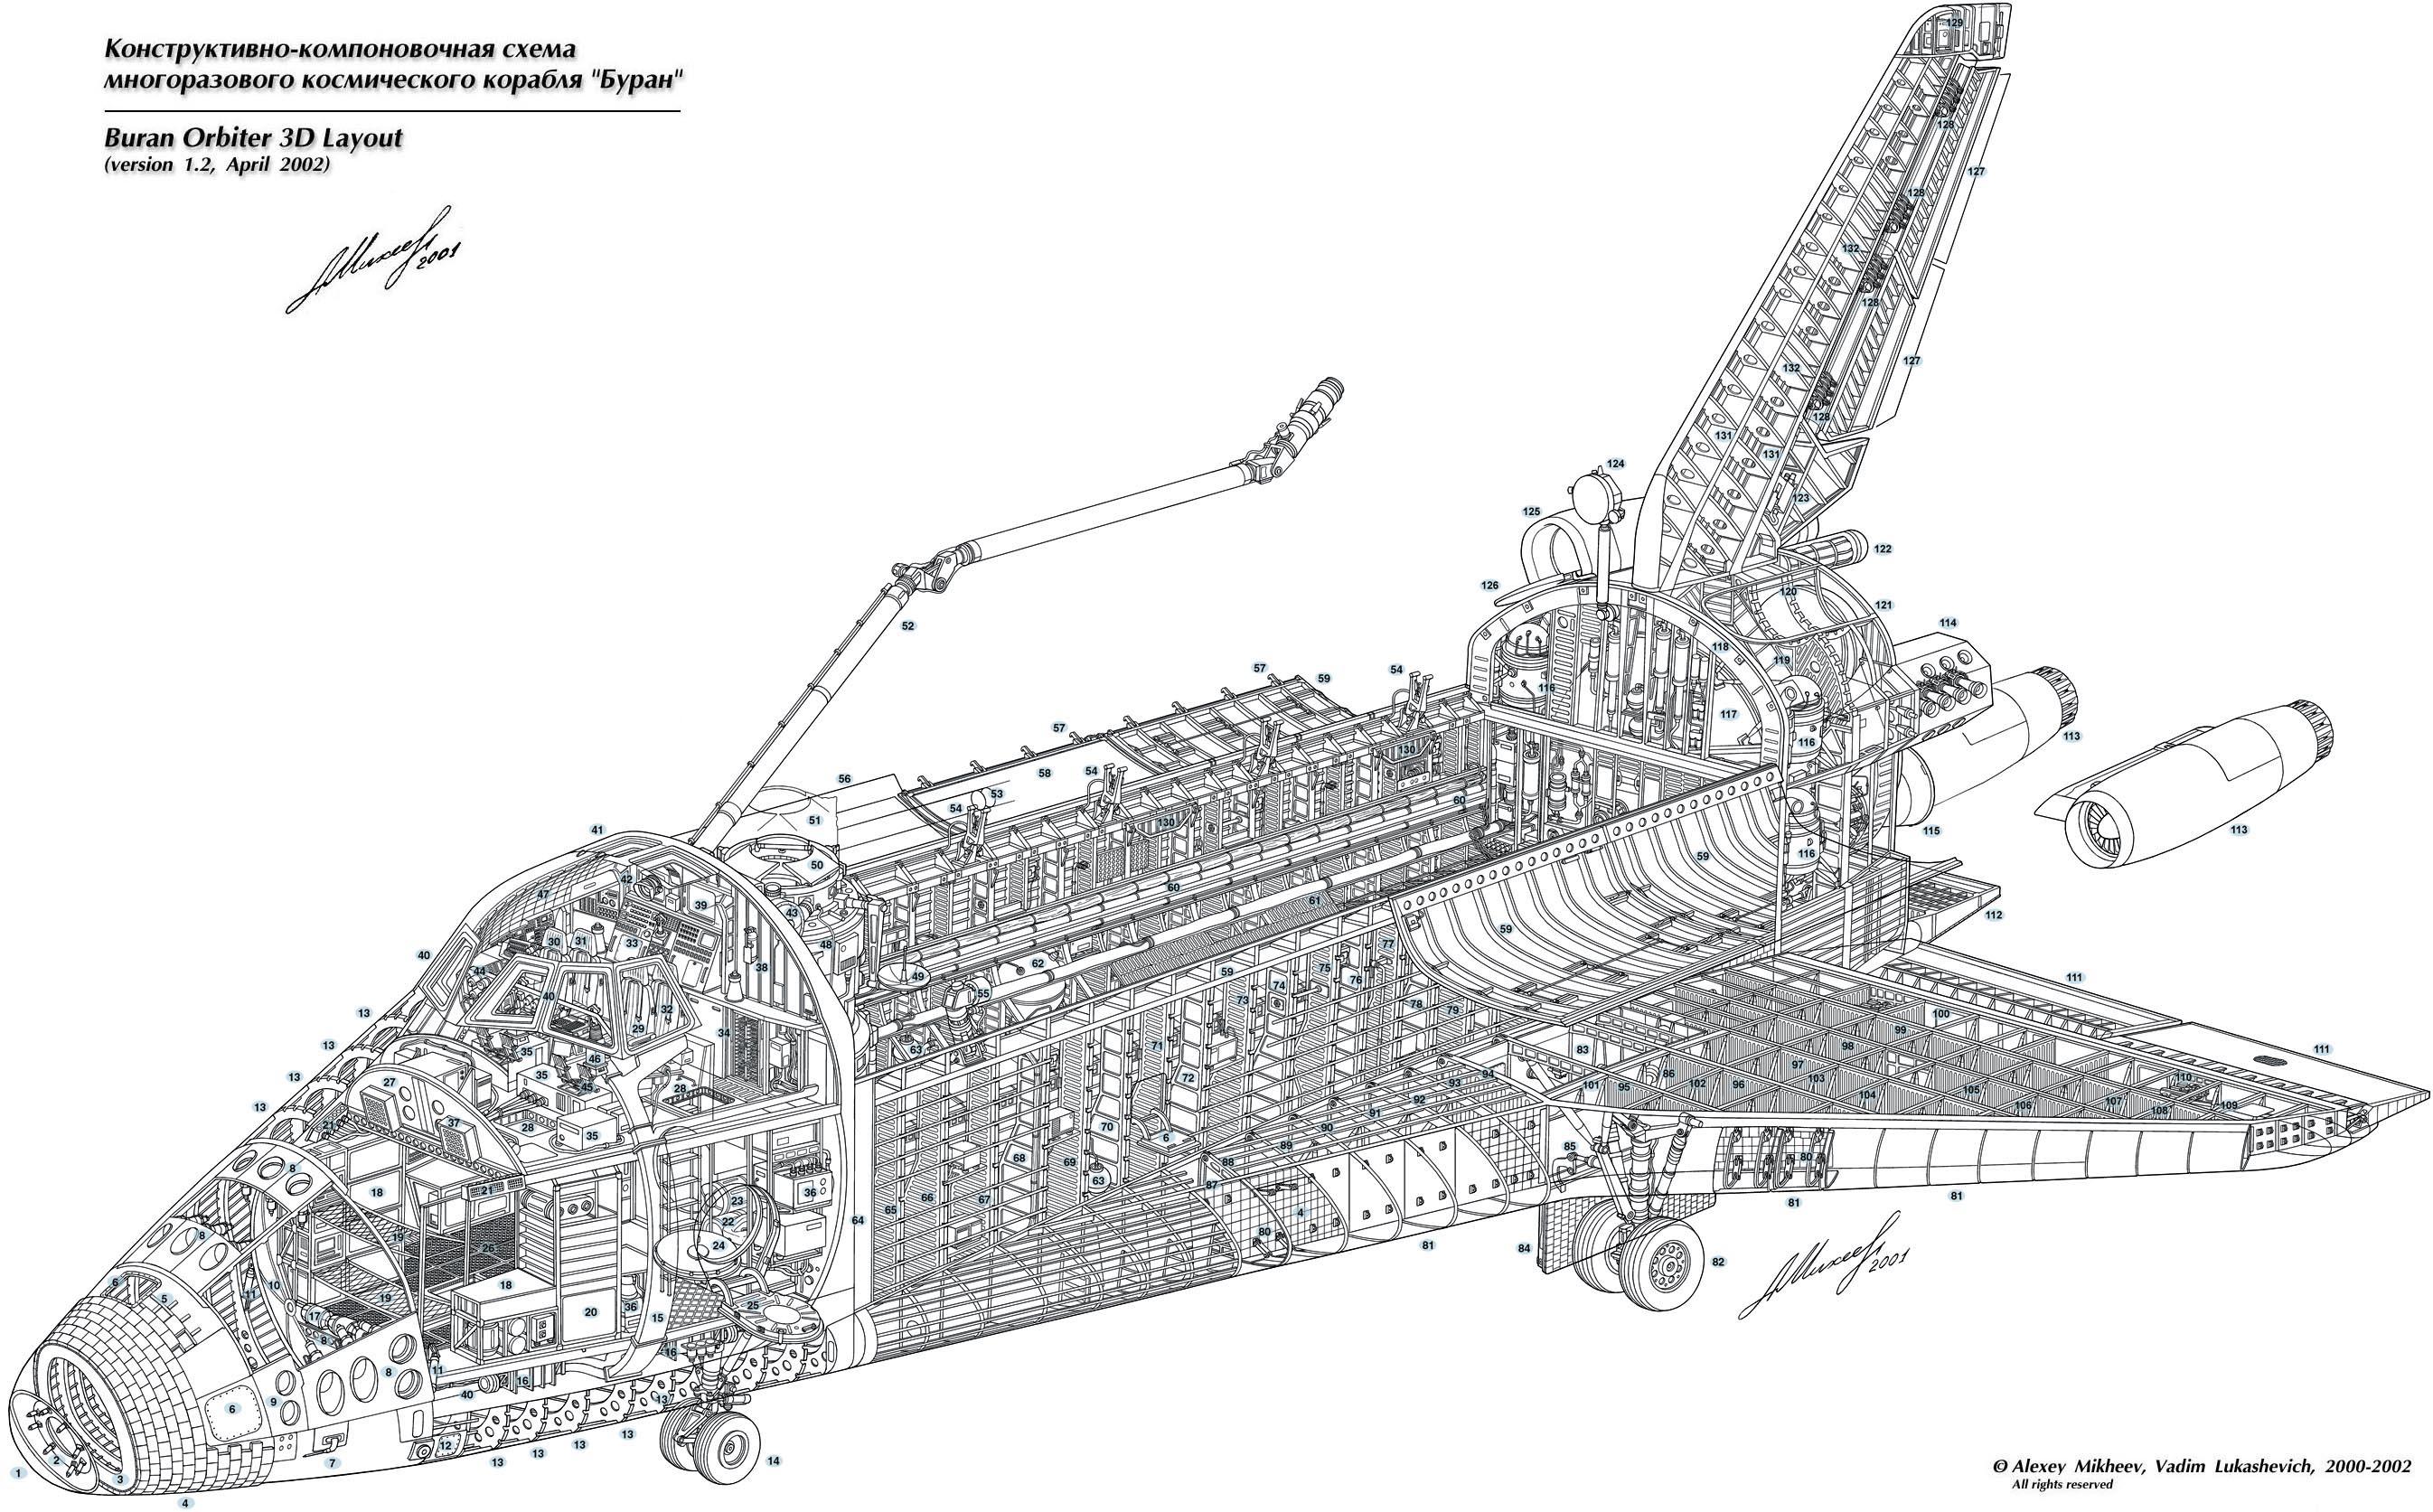 Buran blueprint